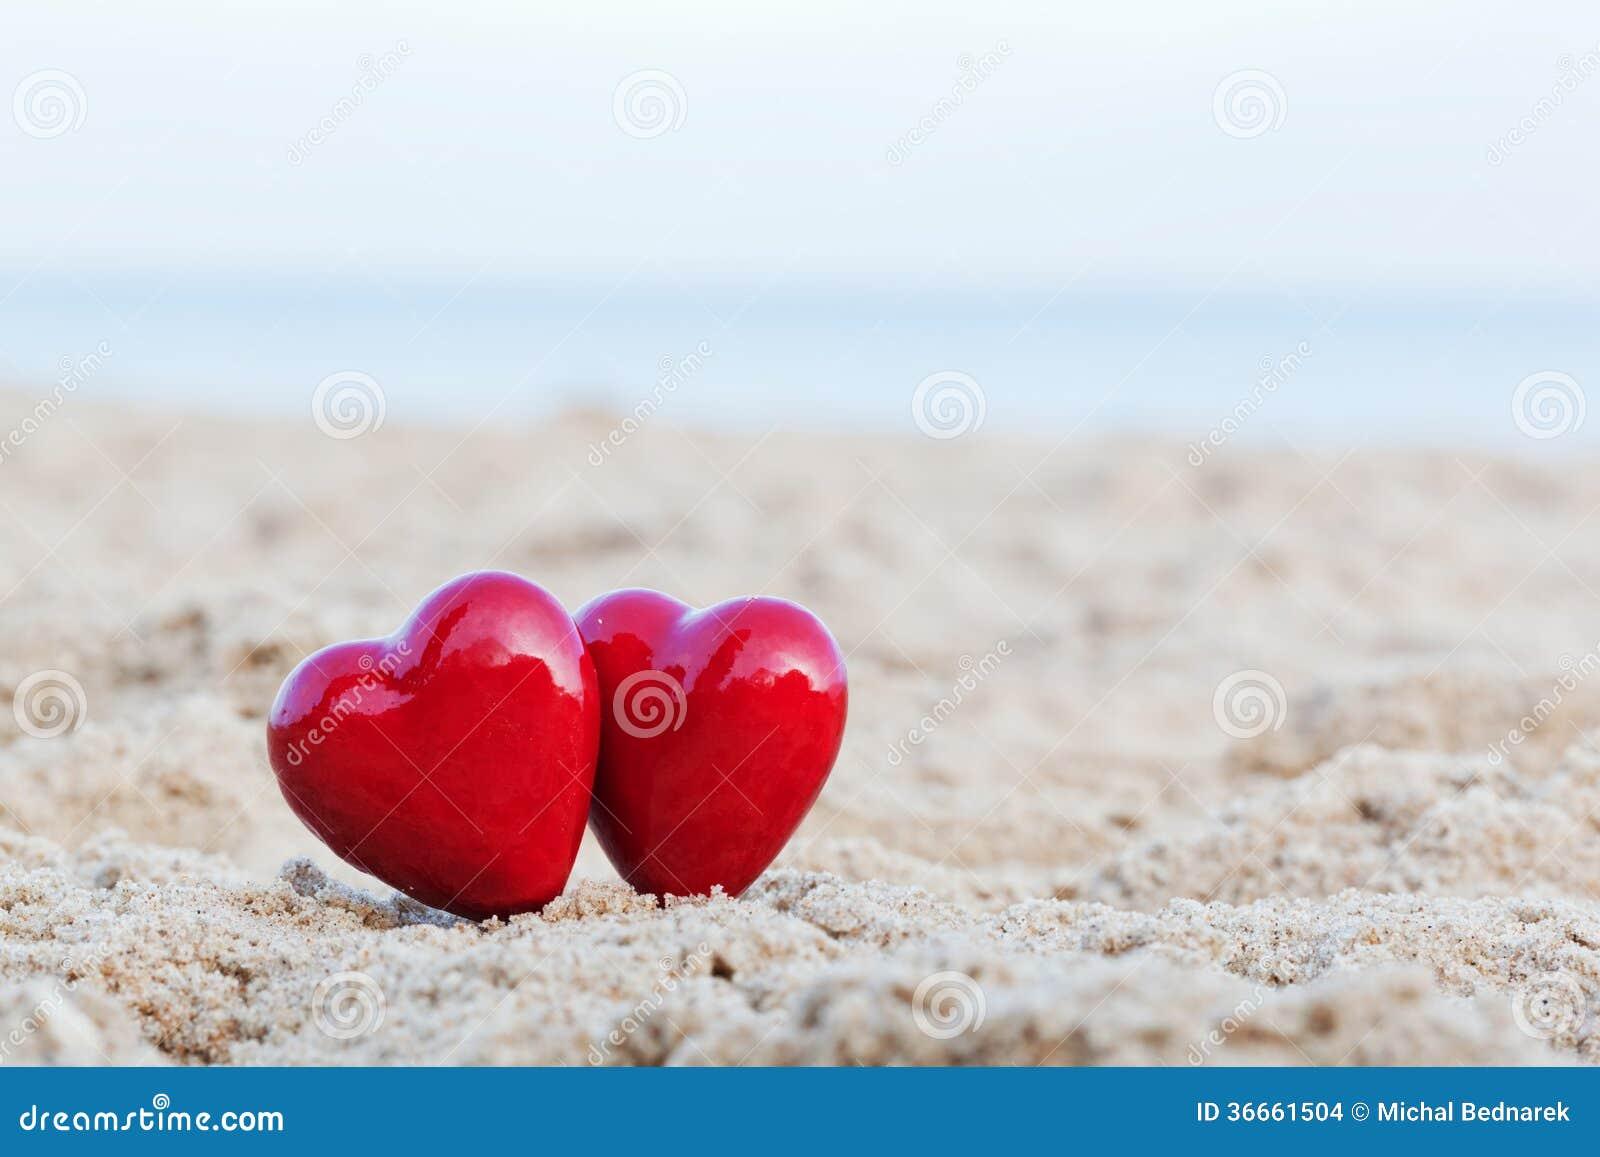 Δύο κόκκινες καρδιές στην παραλία. Αγάπη